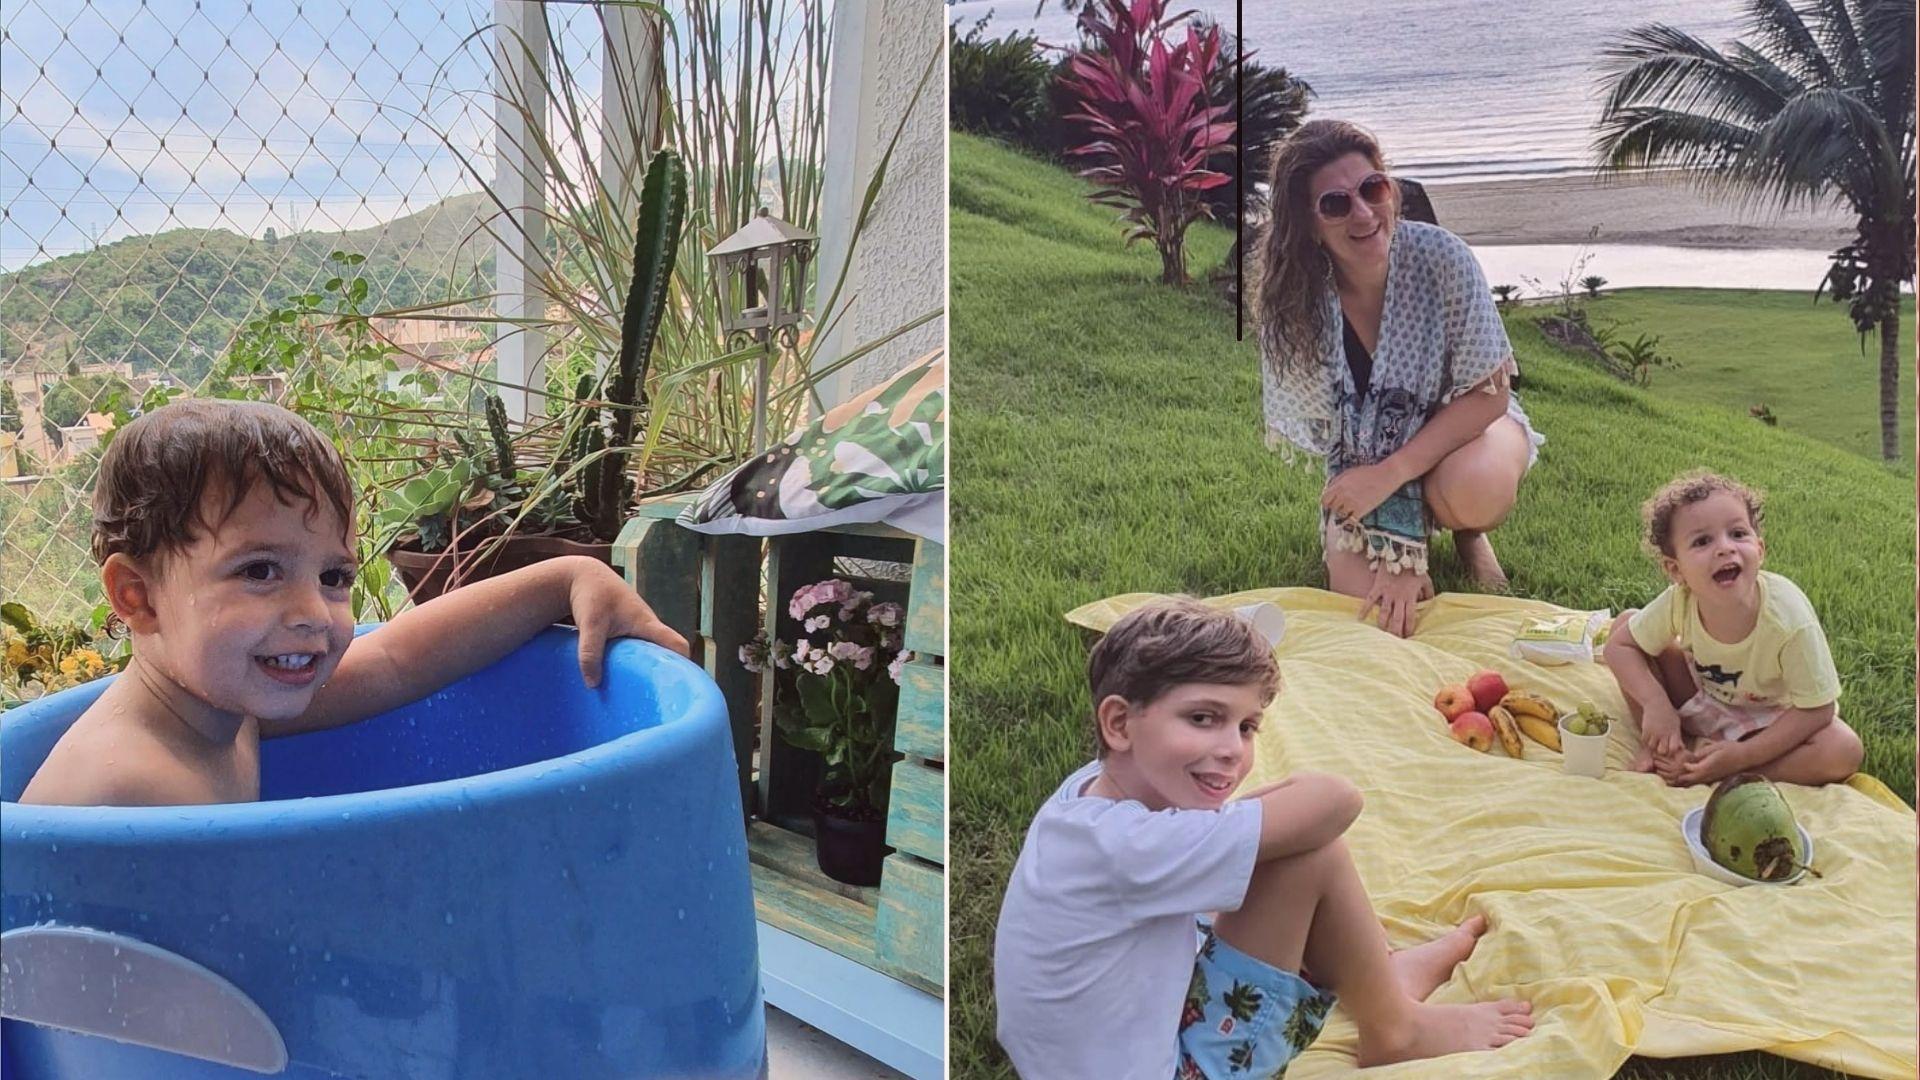 Reutilizar a água do banho e passar tempo em contato com a natureza são algumas das atividades que fazem os pequenos Benjamin e Theo valorizarem o meio ambiente. Créditos: Arquivo pessoal/Priscila Correia